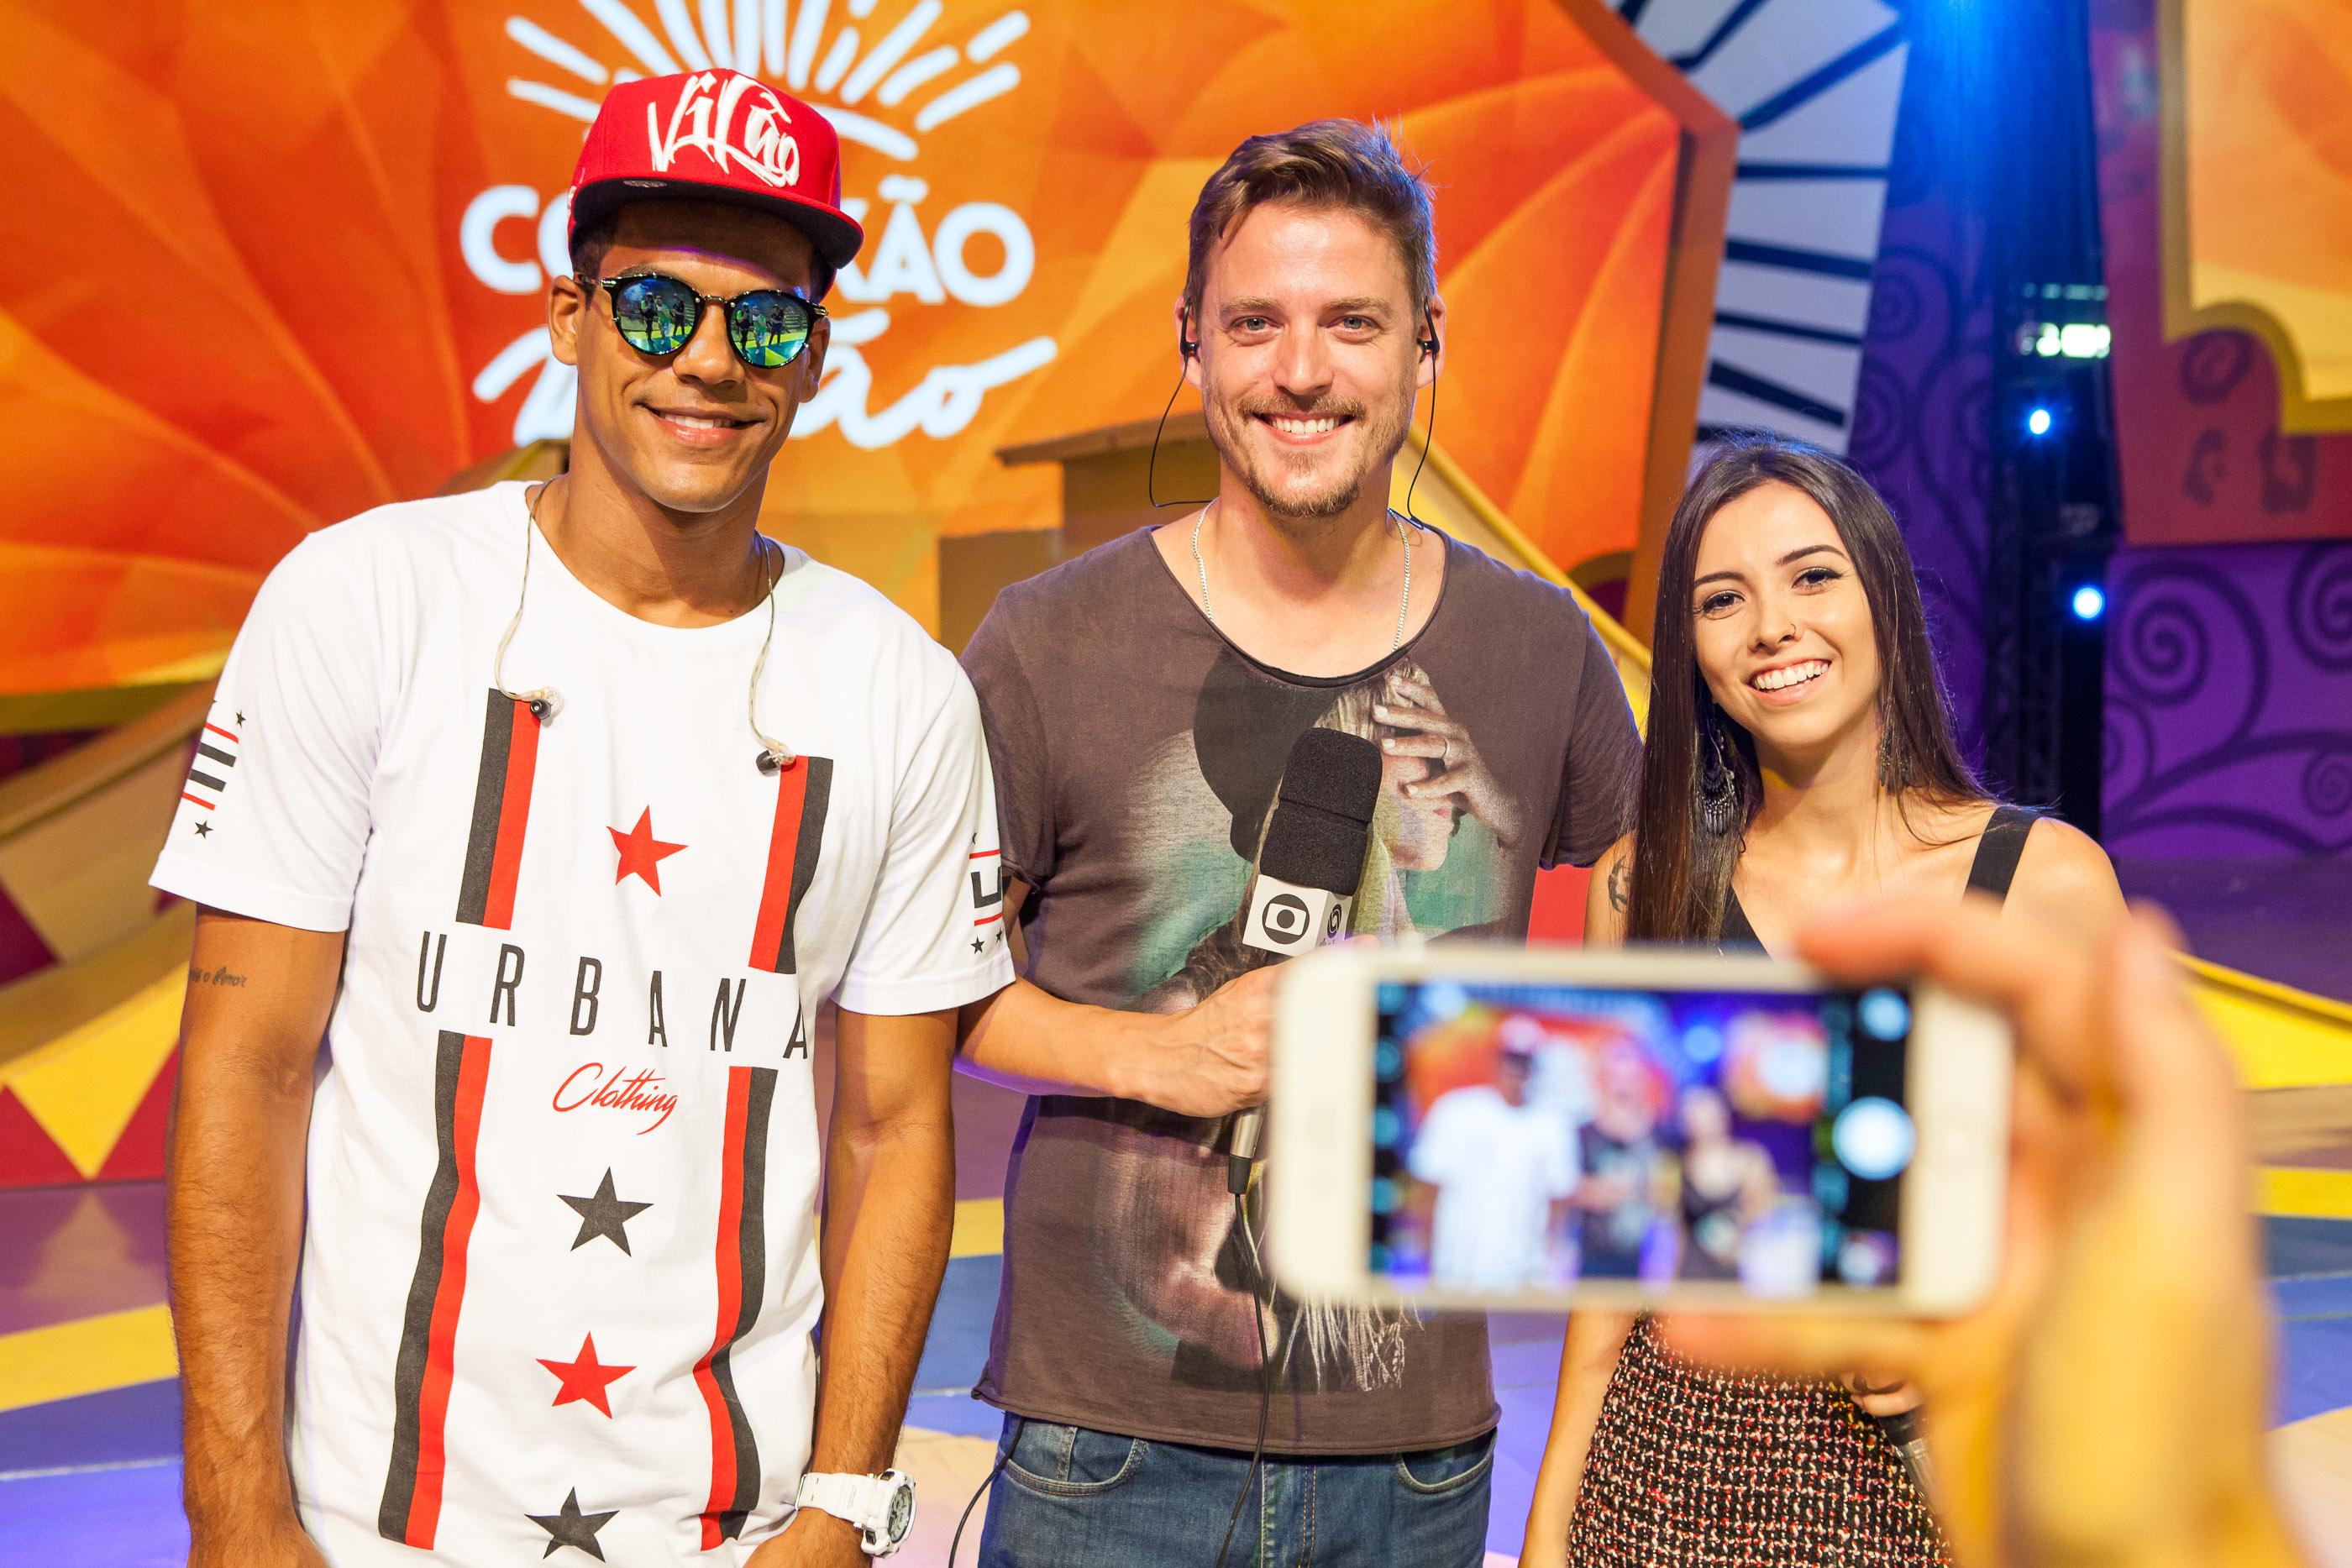 Thalita Meneghim e Guilherme Bernardy apresentaram o Mistura ao vivo